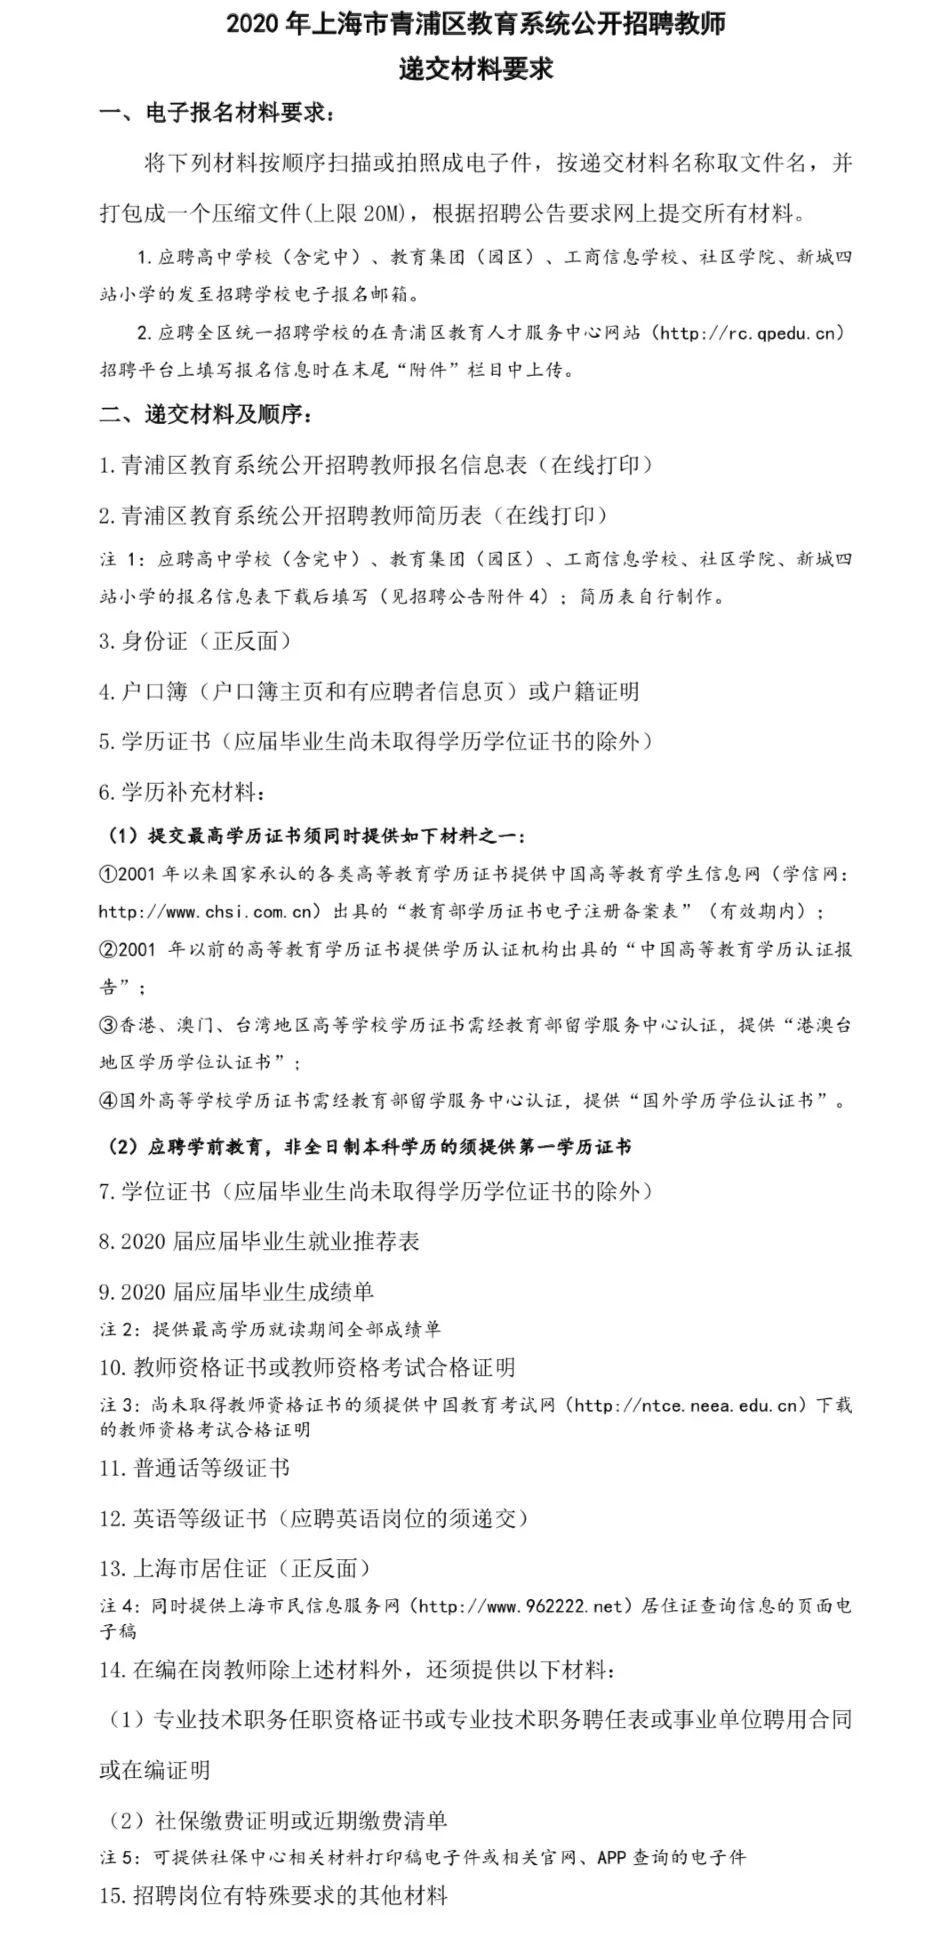 2020年上海市青浦区教师招聘公告 4月2-8日报名